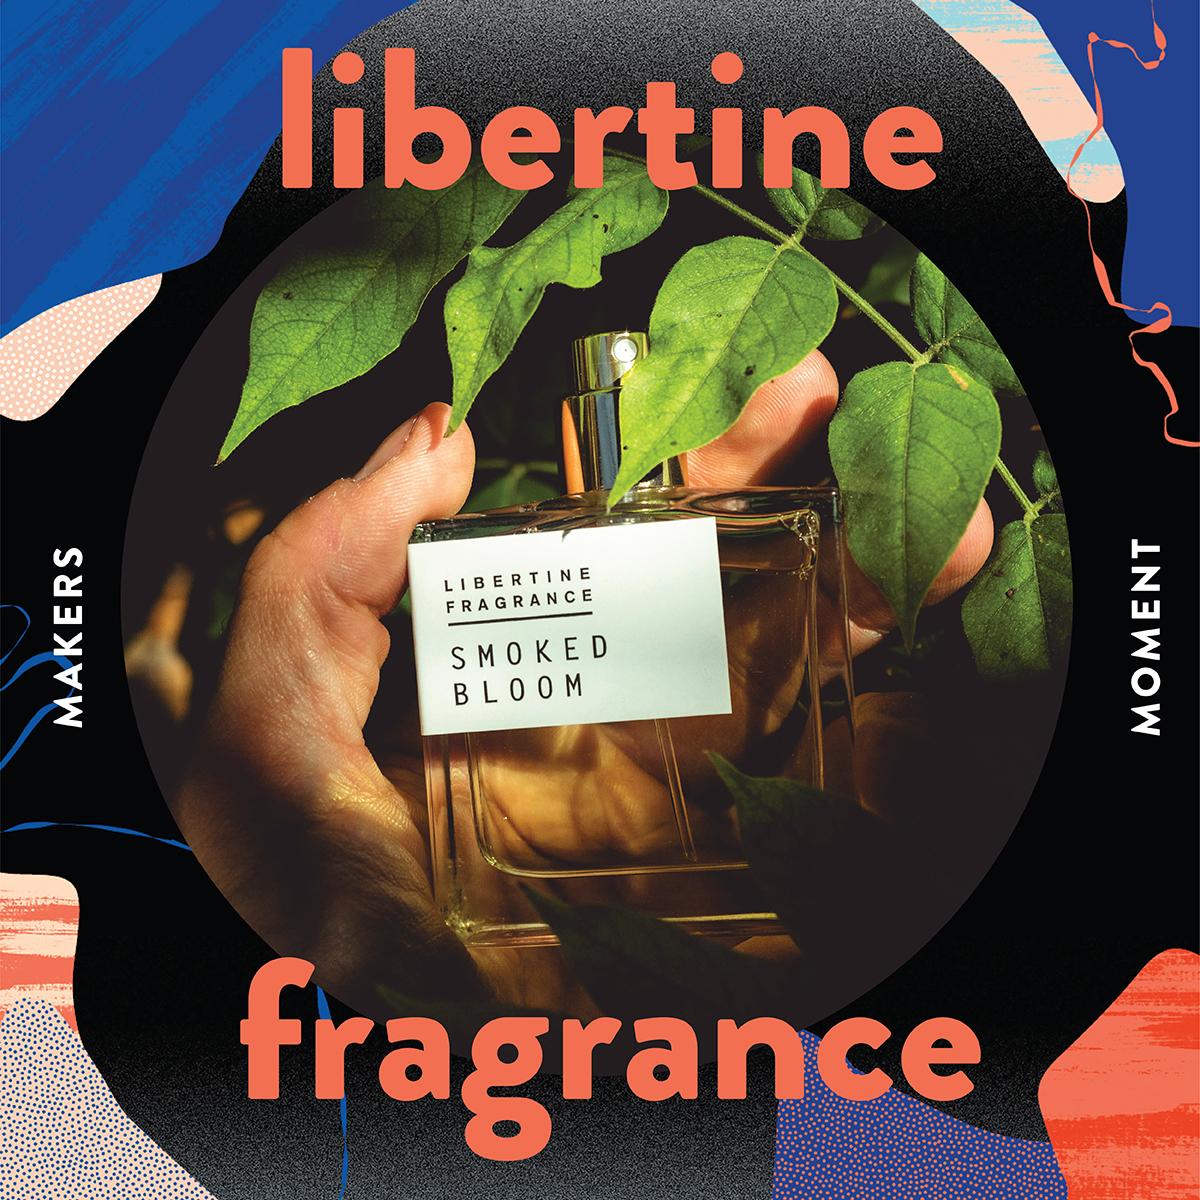 Libertine-MakersMoment-graphics-lores.jpg